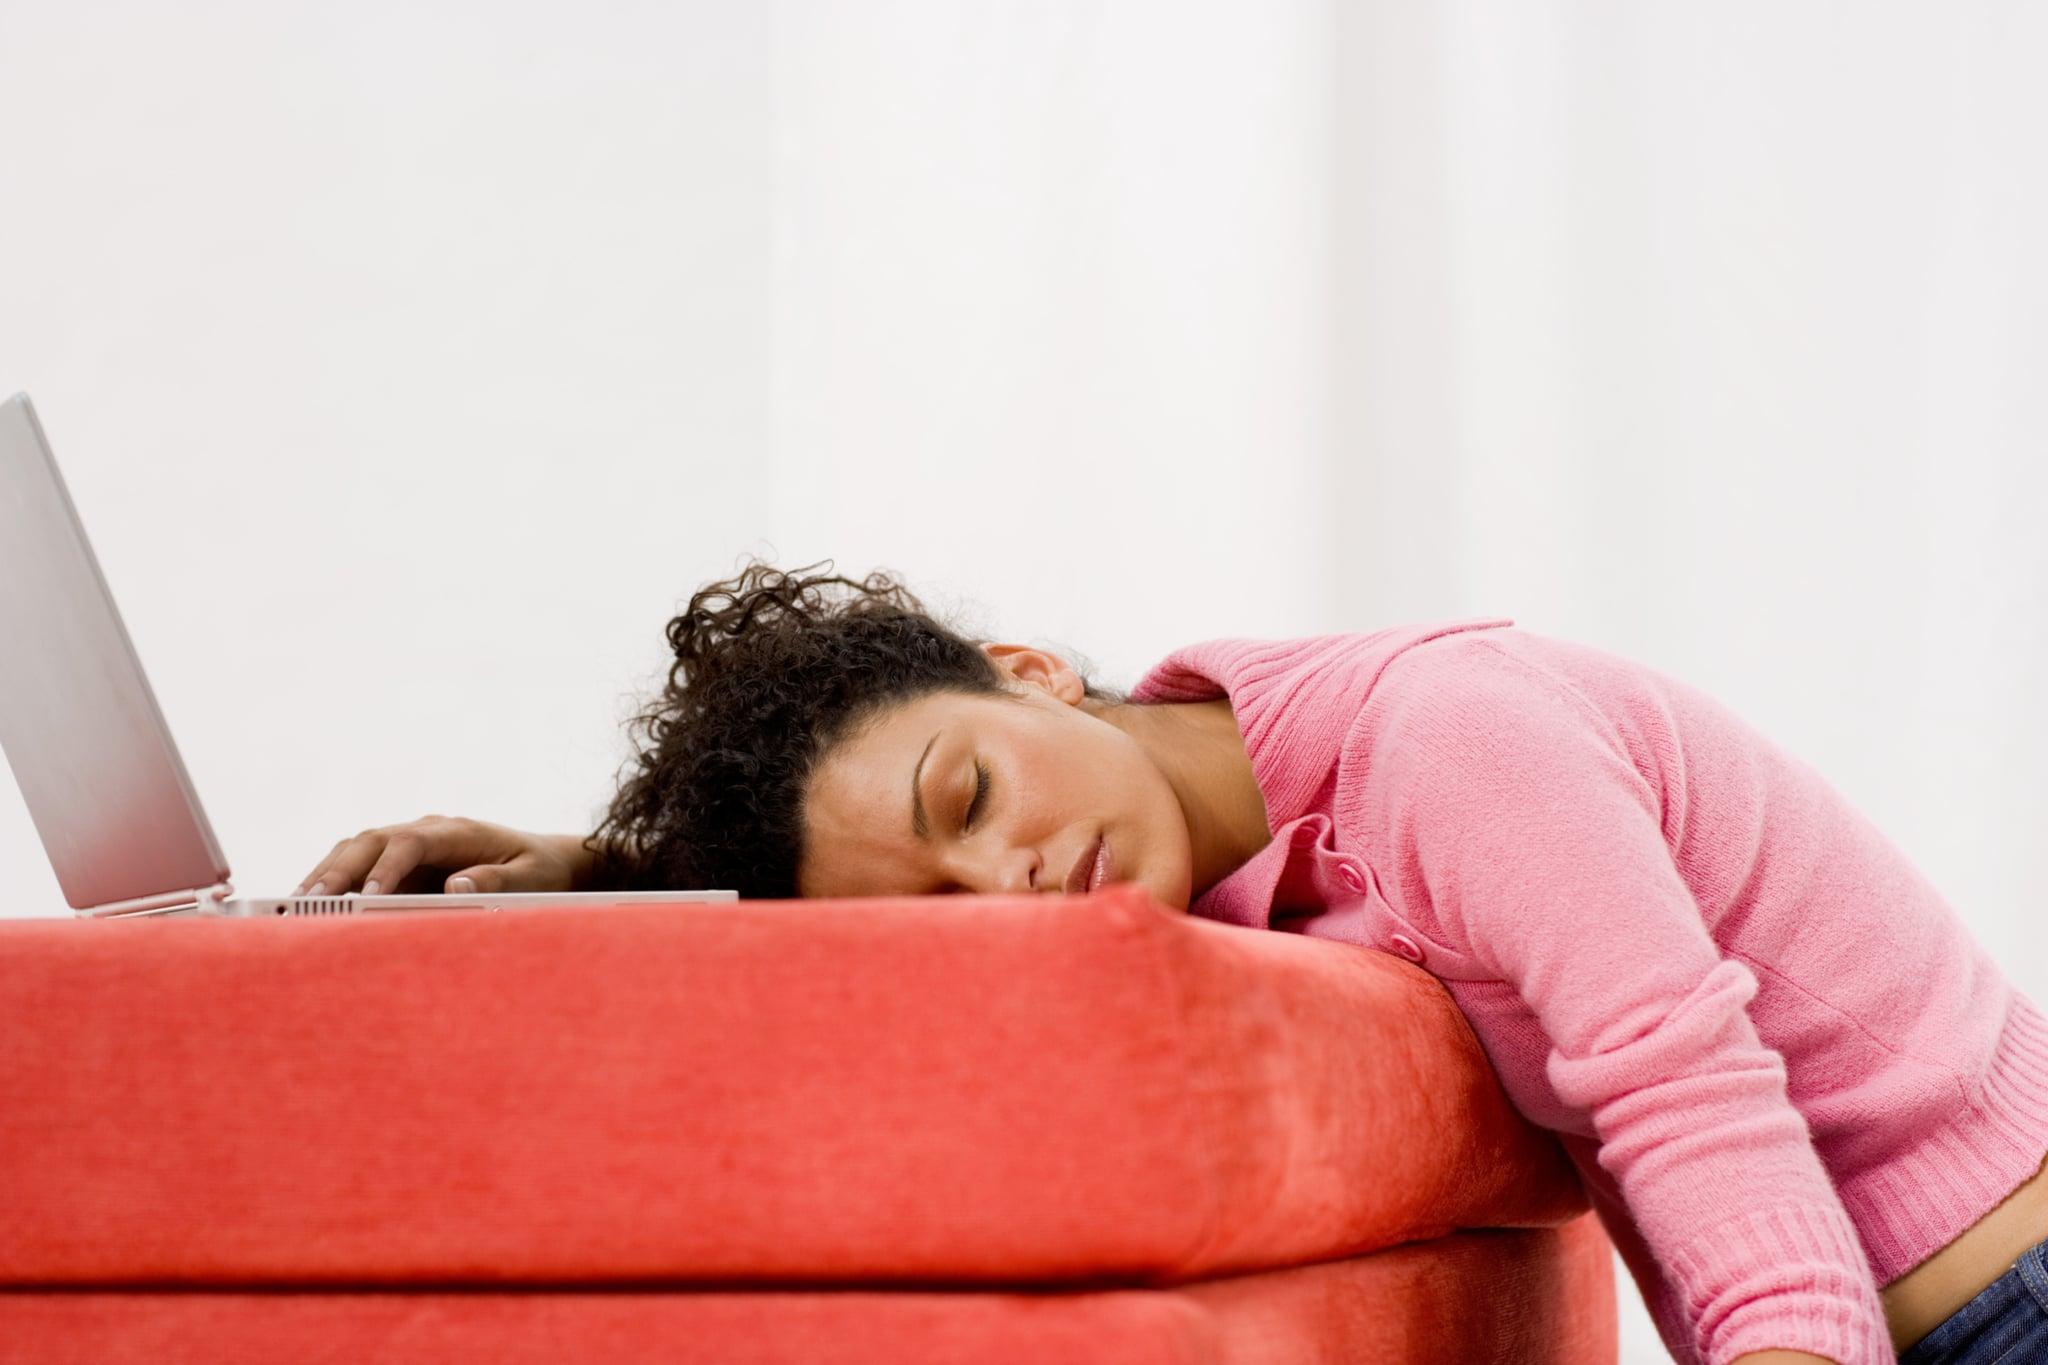 Skimping on Sleep